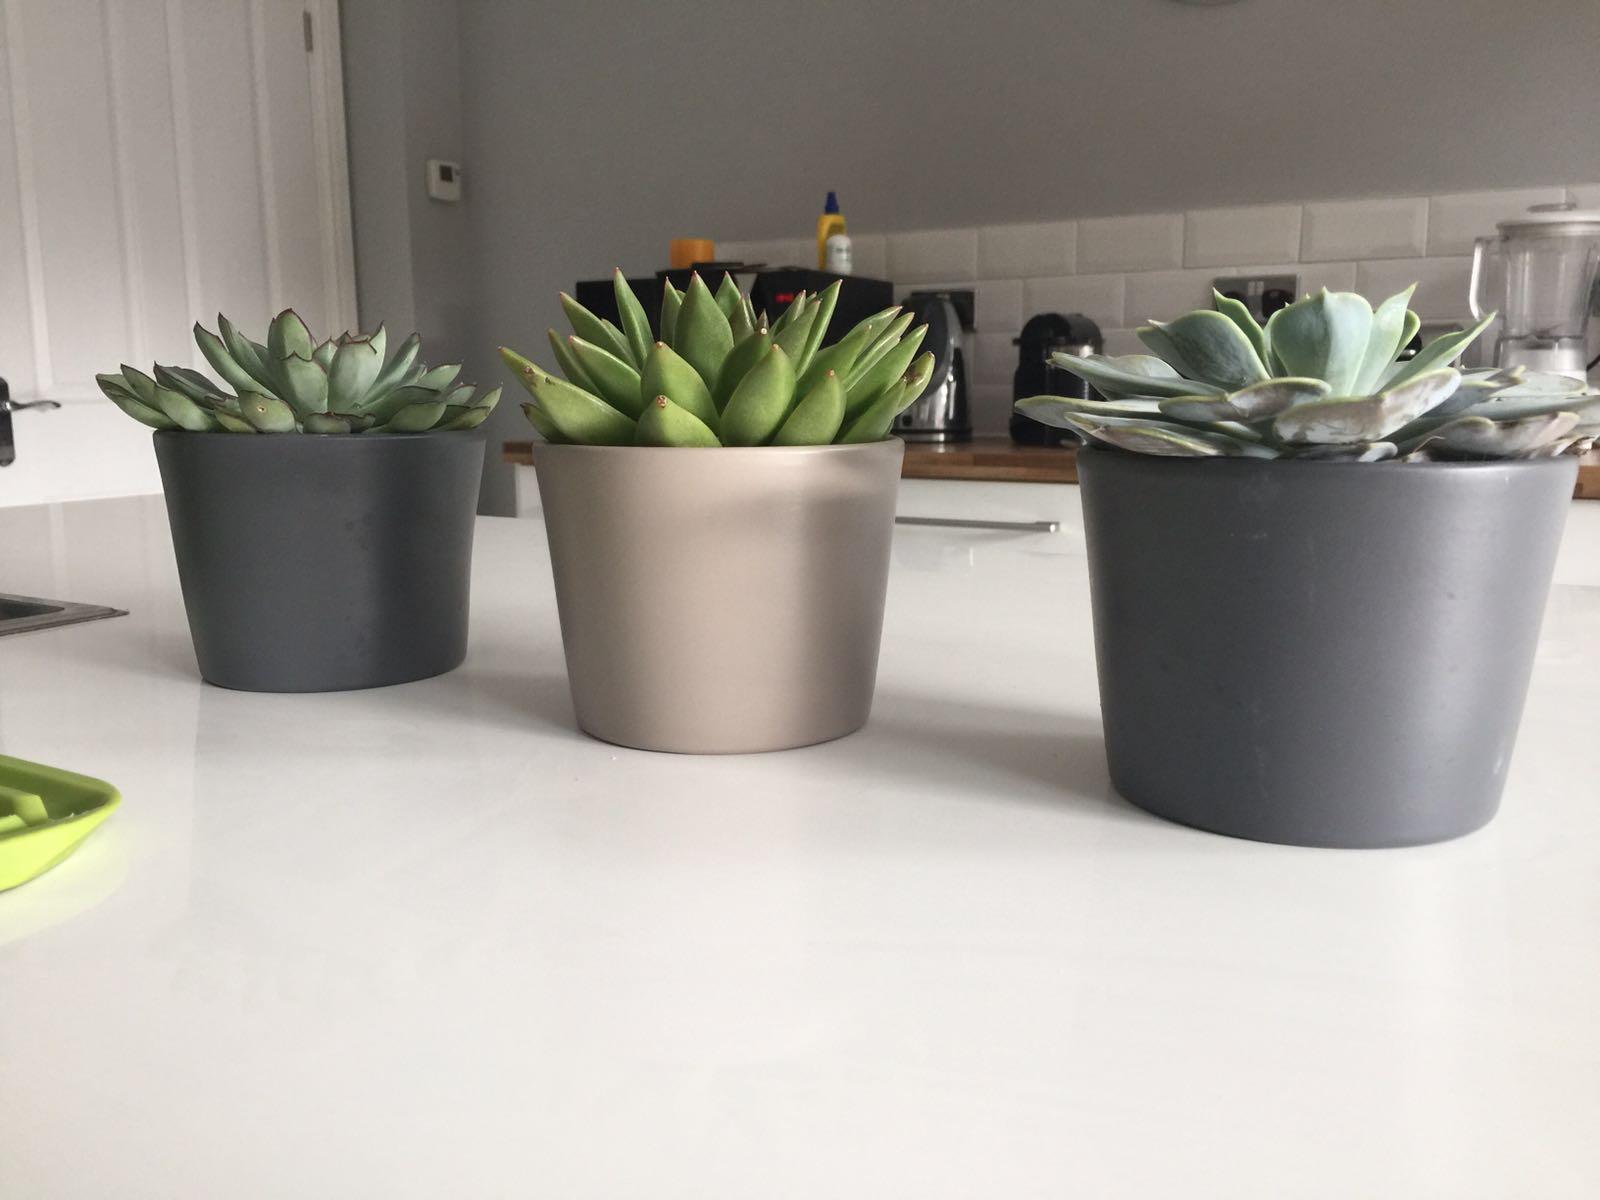 Kitchen plants